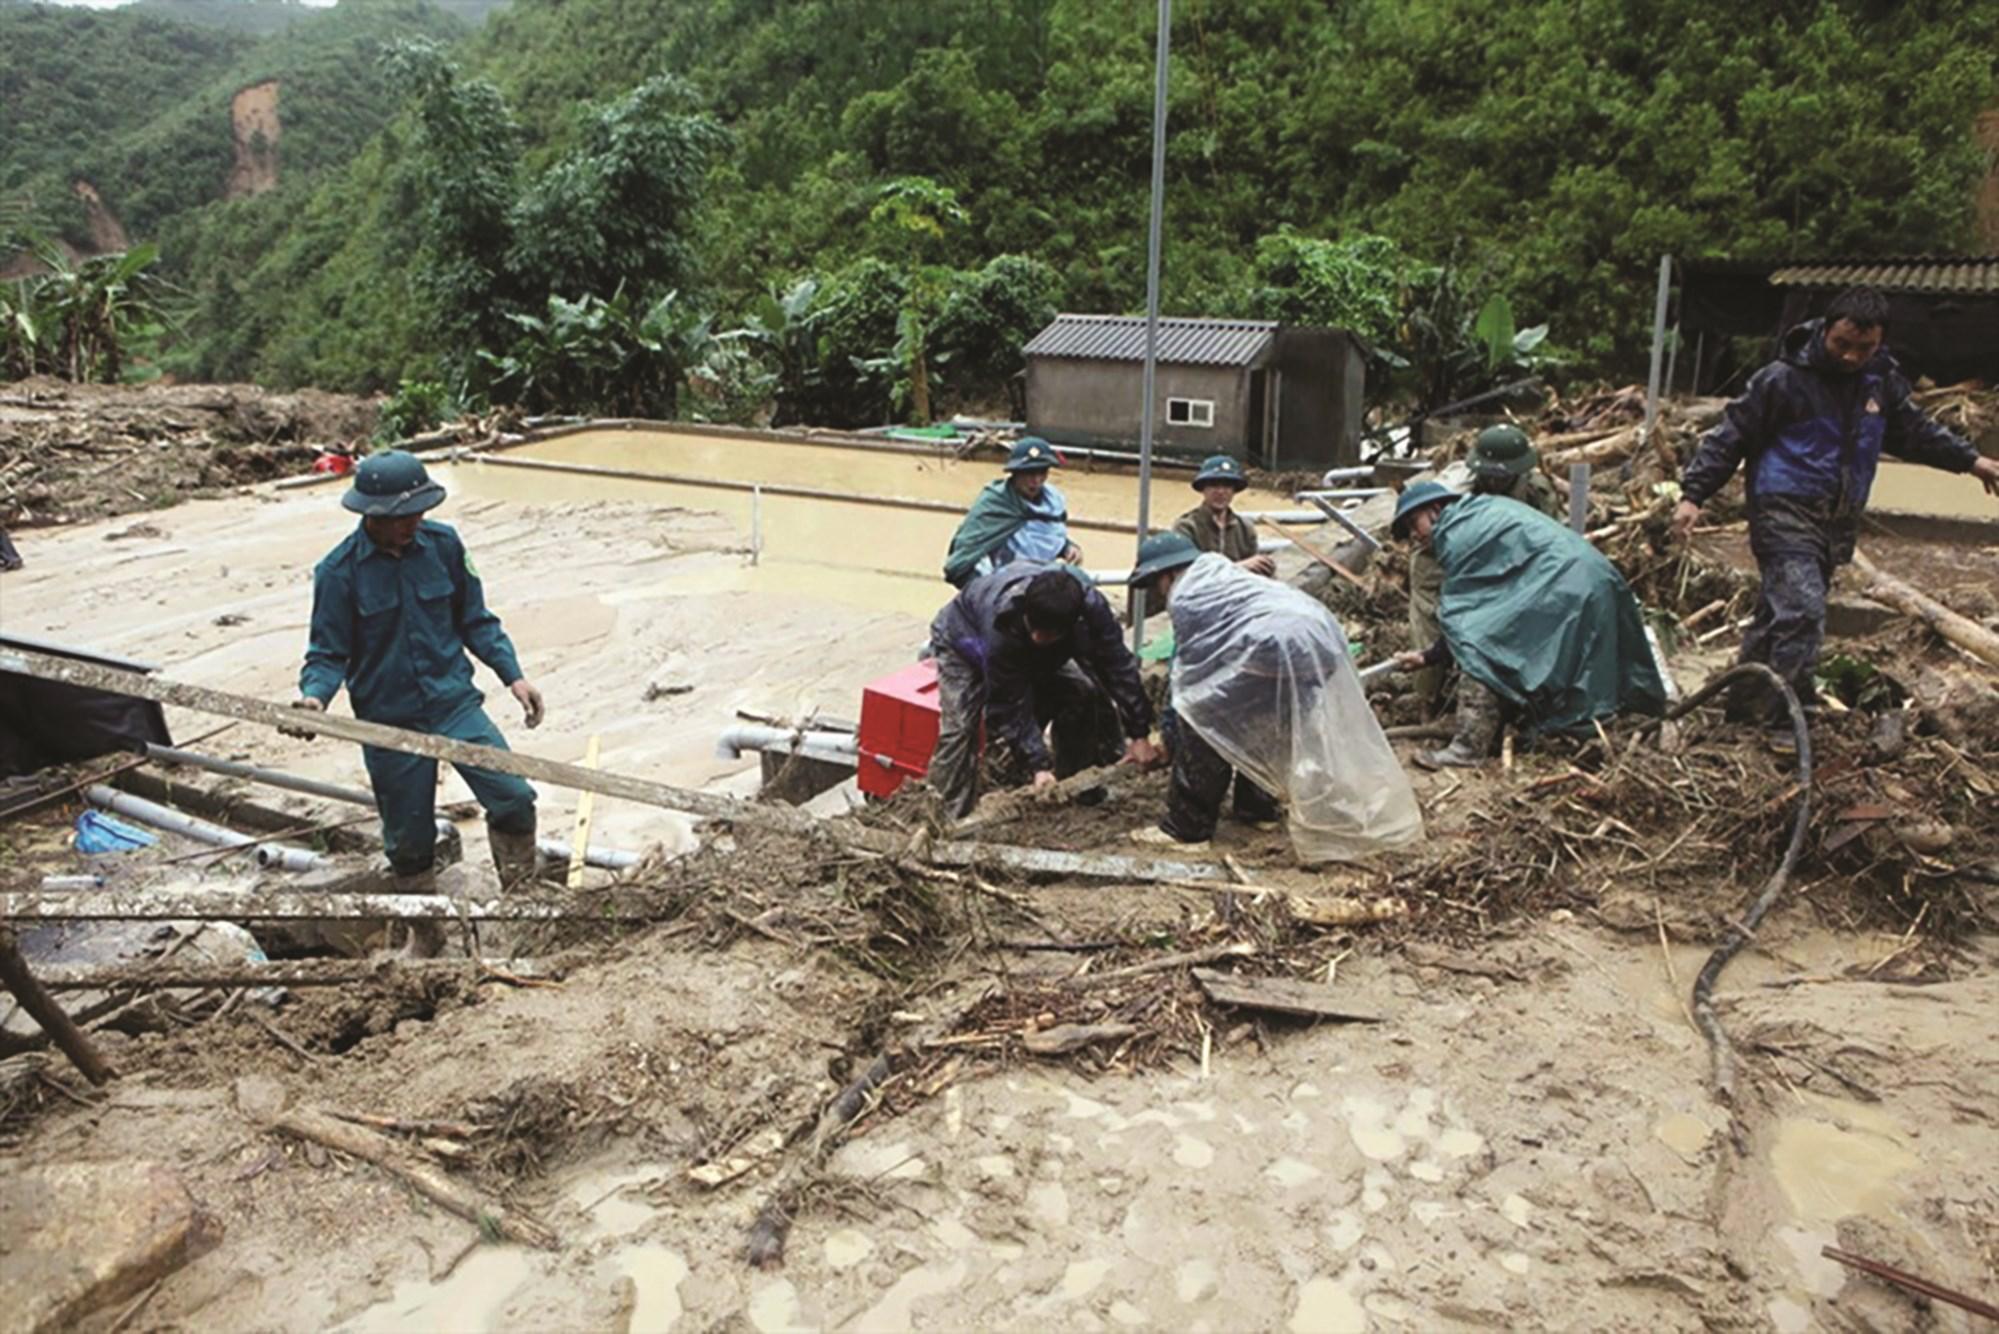 Công tác PCTT tại các tỉnh miền núi cần phải được đặc biệt quan tâm nhằm giảm thiểu thiệt hại về tính mạng và tài sản của người dân.